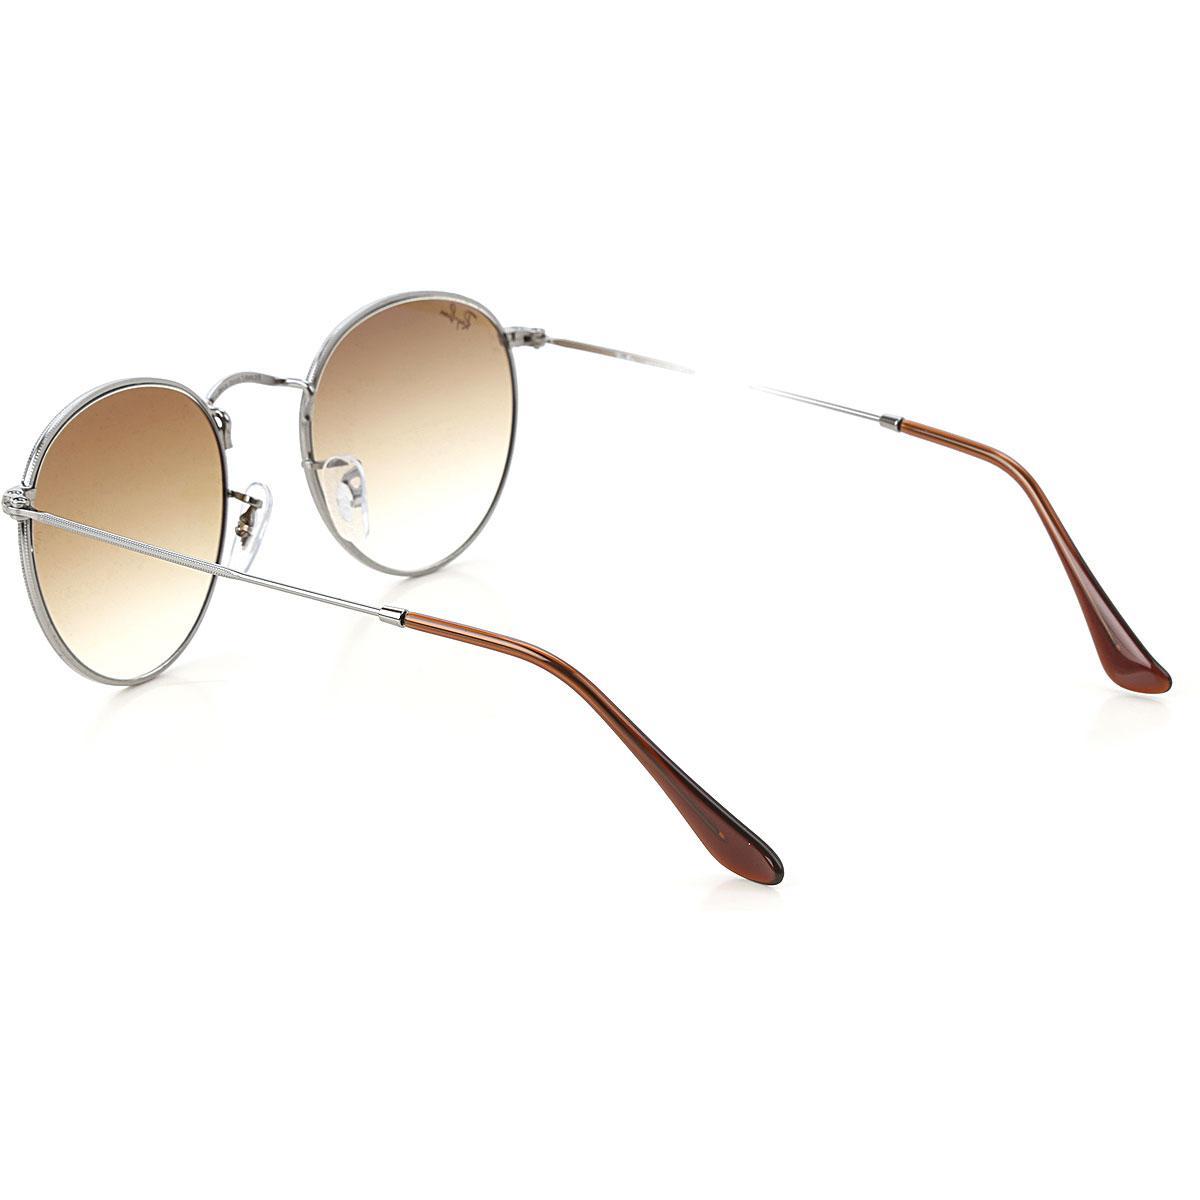 Ray-Ban - Multicolor Gafas y Lentes de Sol Baratos en Rebajas - Lyst. Ver  en pantalla completa 0402e39c3a78